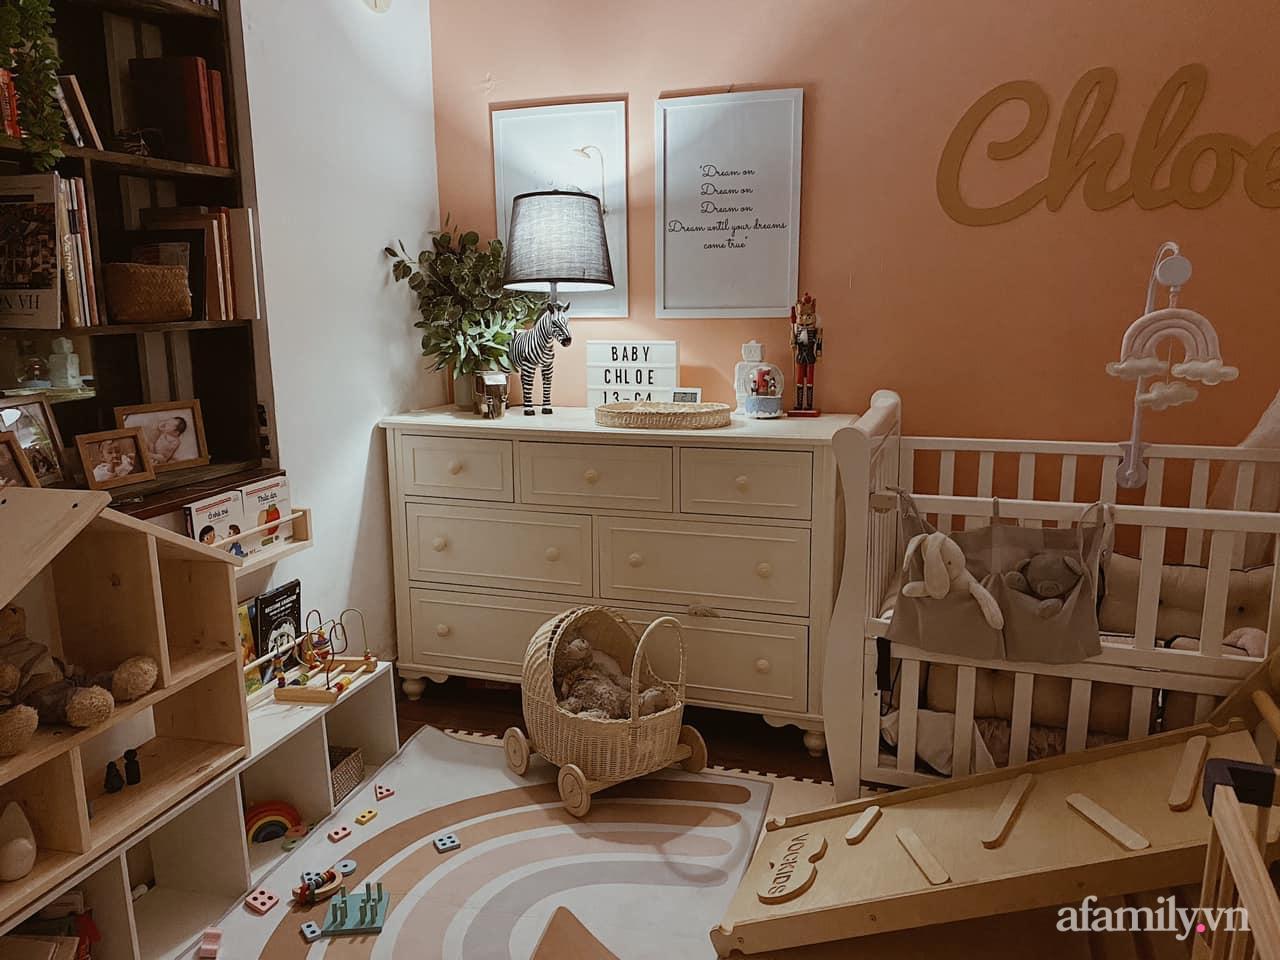 Không gian mẹ trang trí tặng bé ấn tượng với sắc màu Vintage ở Hà Nội - Ảnh 2.